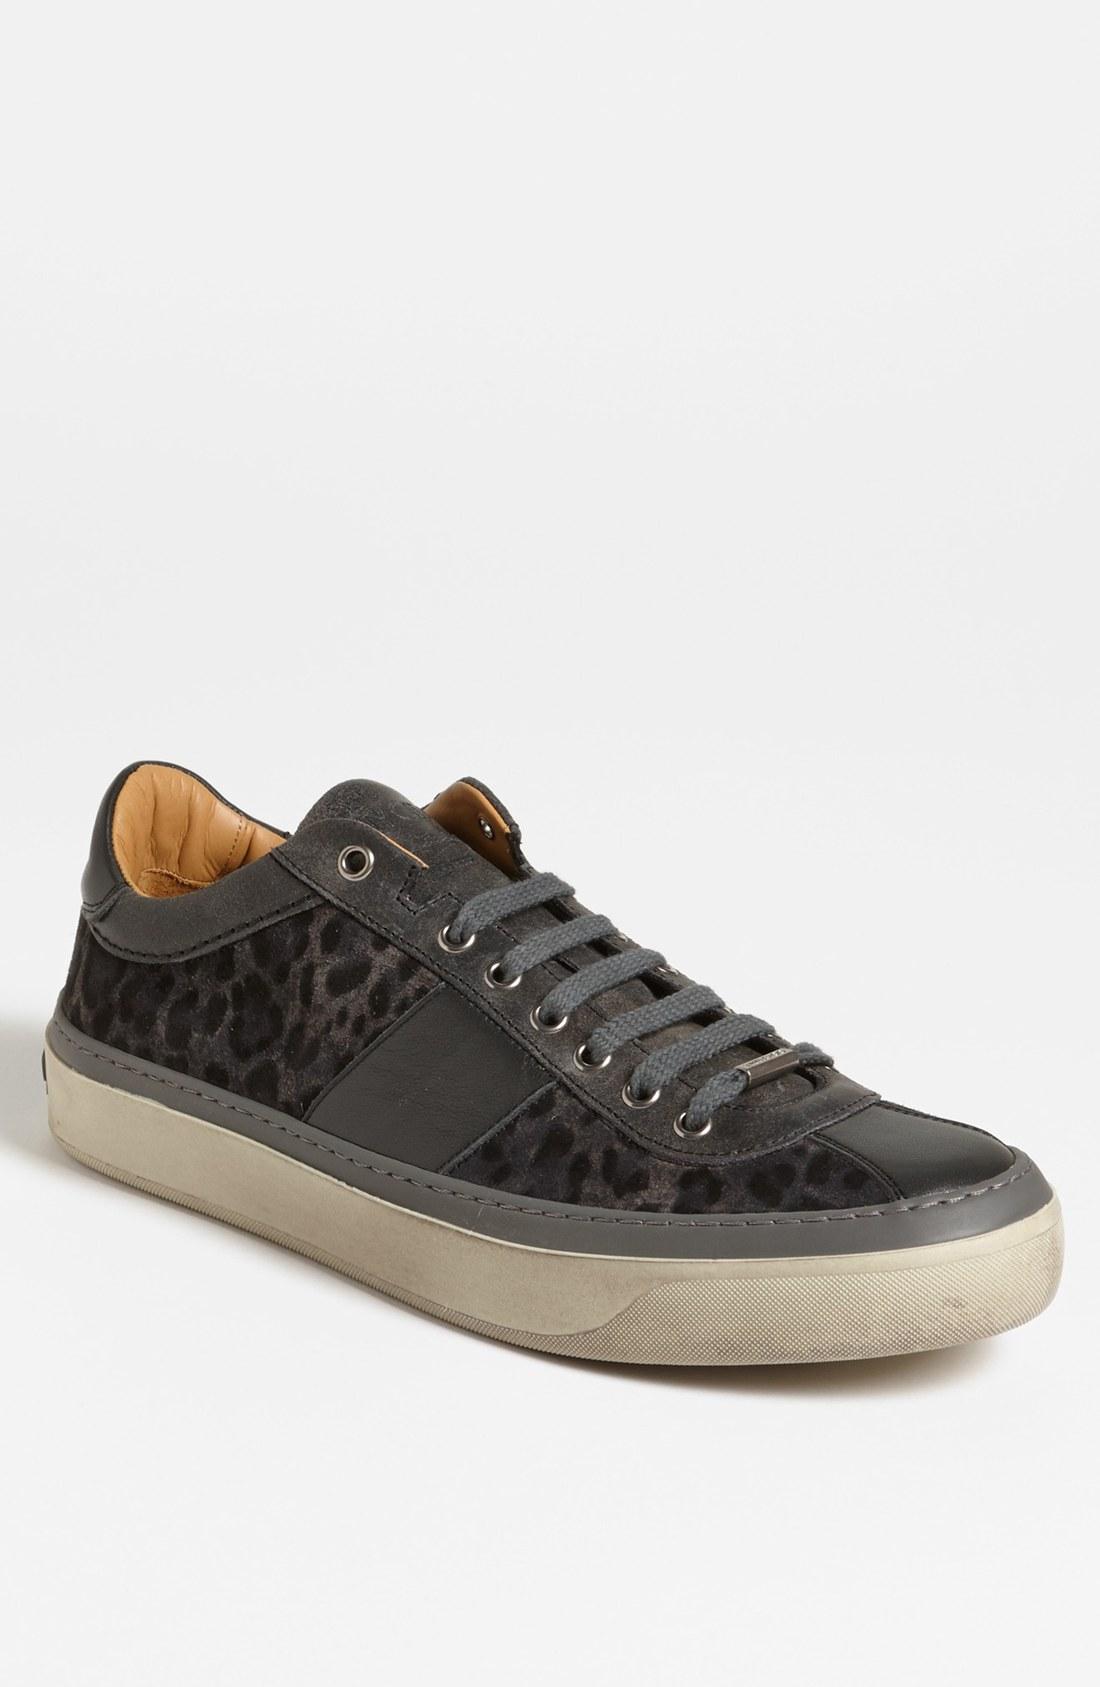 jimmy choo portman sneaker in gray for men smoke leopard lyst. Black Bedroom Furniture Sets. Home Design Ideas